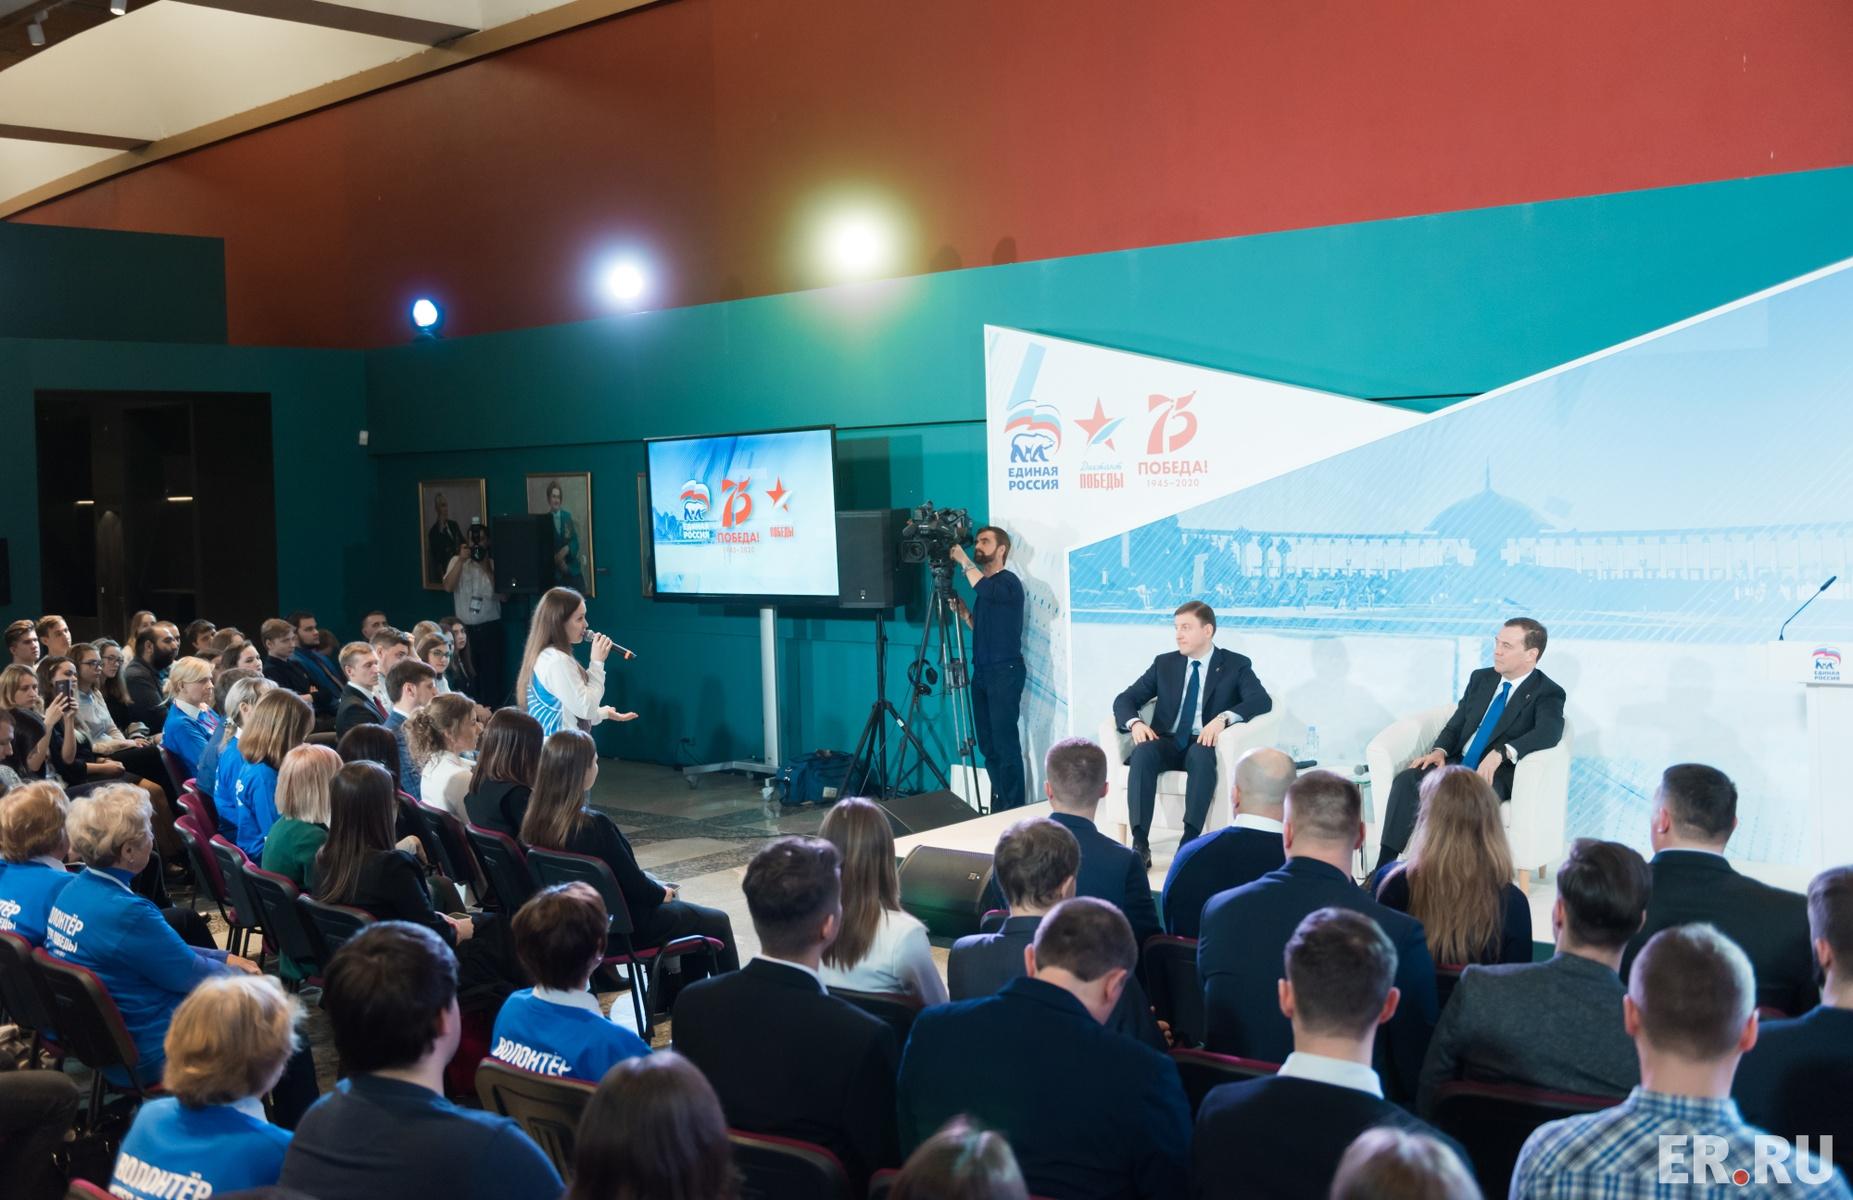 Дмитрий Медведев встретился с волонтерами в рамках подготовки к празднованию 75-летия Победы в Великой Отечественной войне